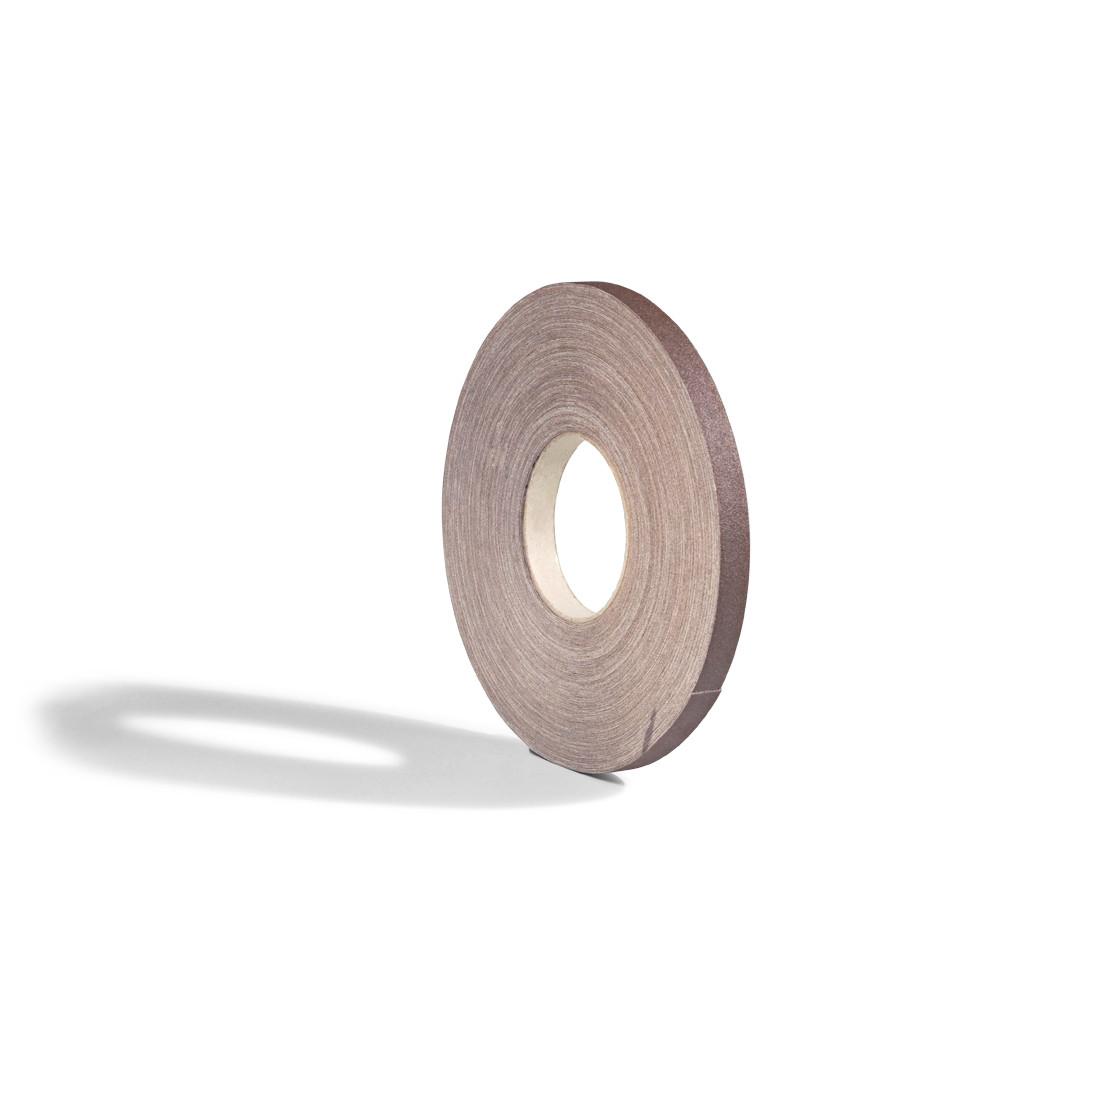 Schleifleinen Körnung 120 50 lfm / Rolle